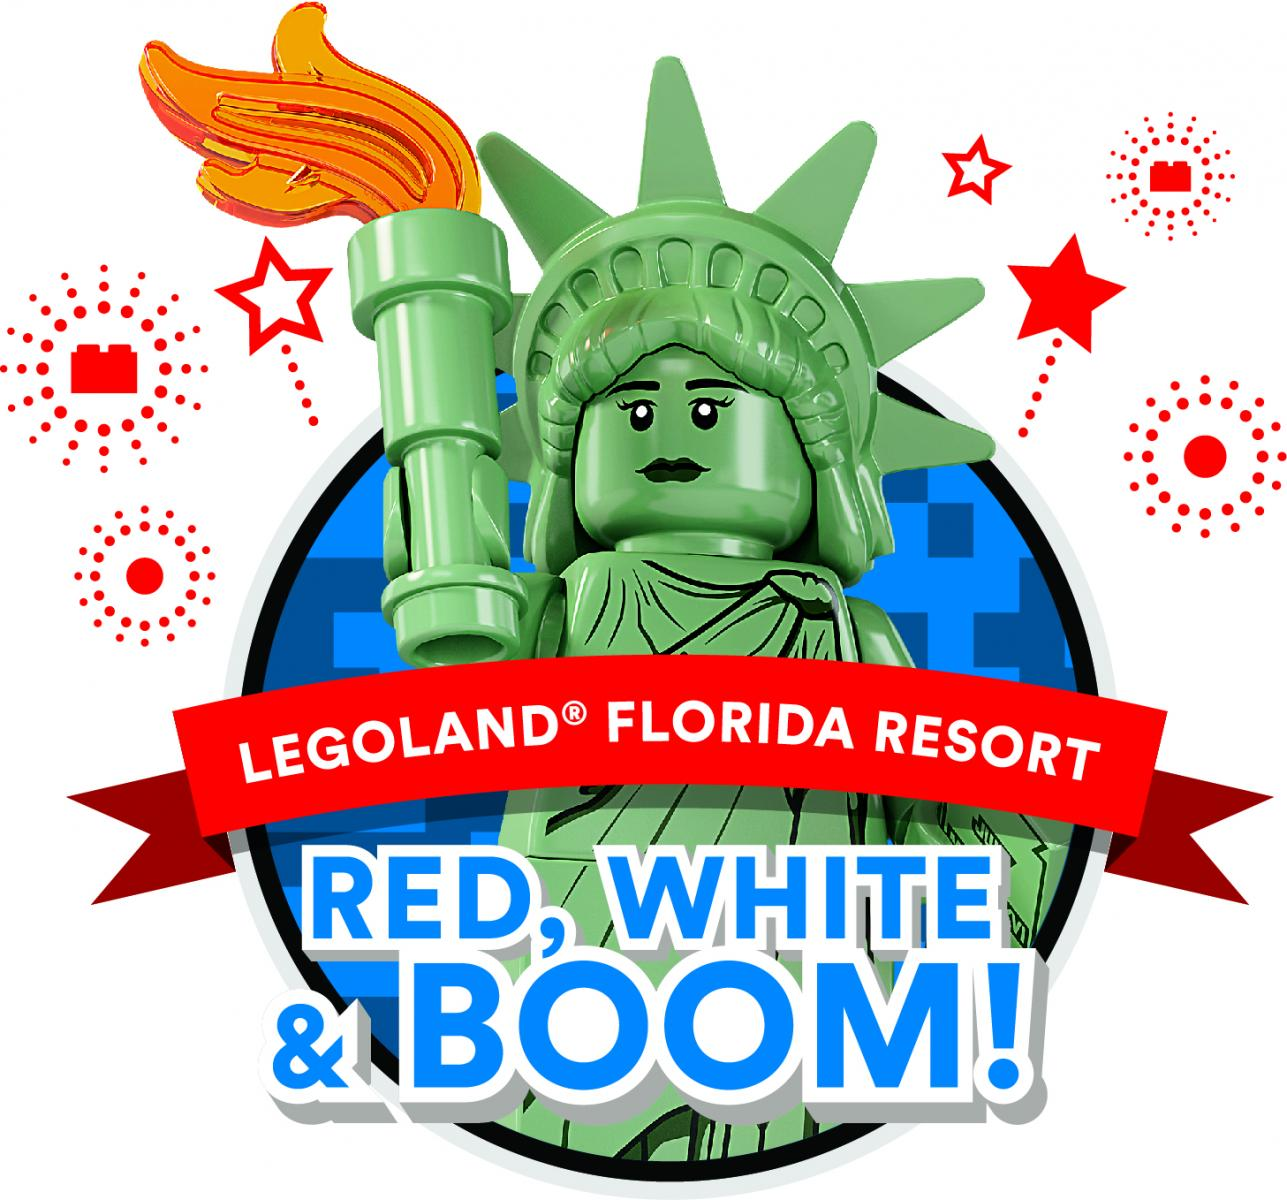 LEGOLAND Red, White & Boom